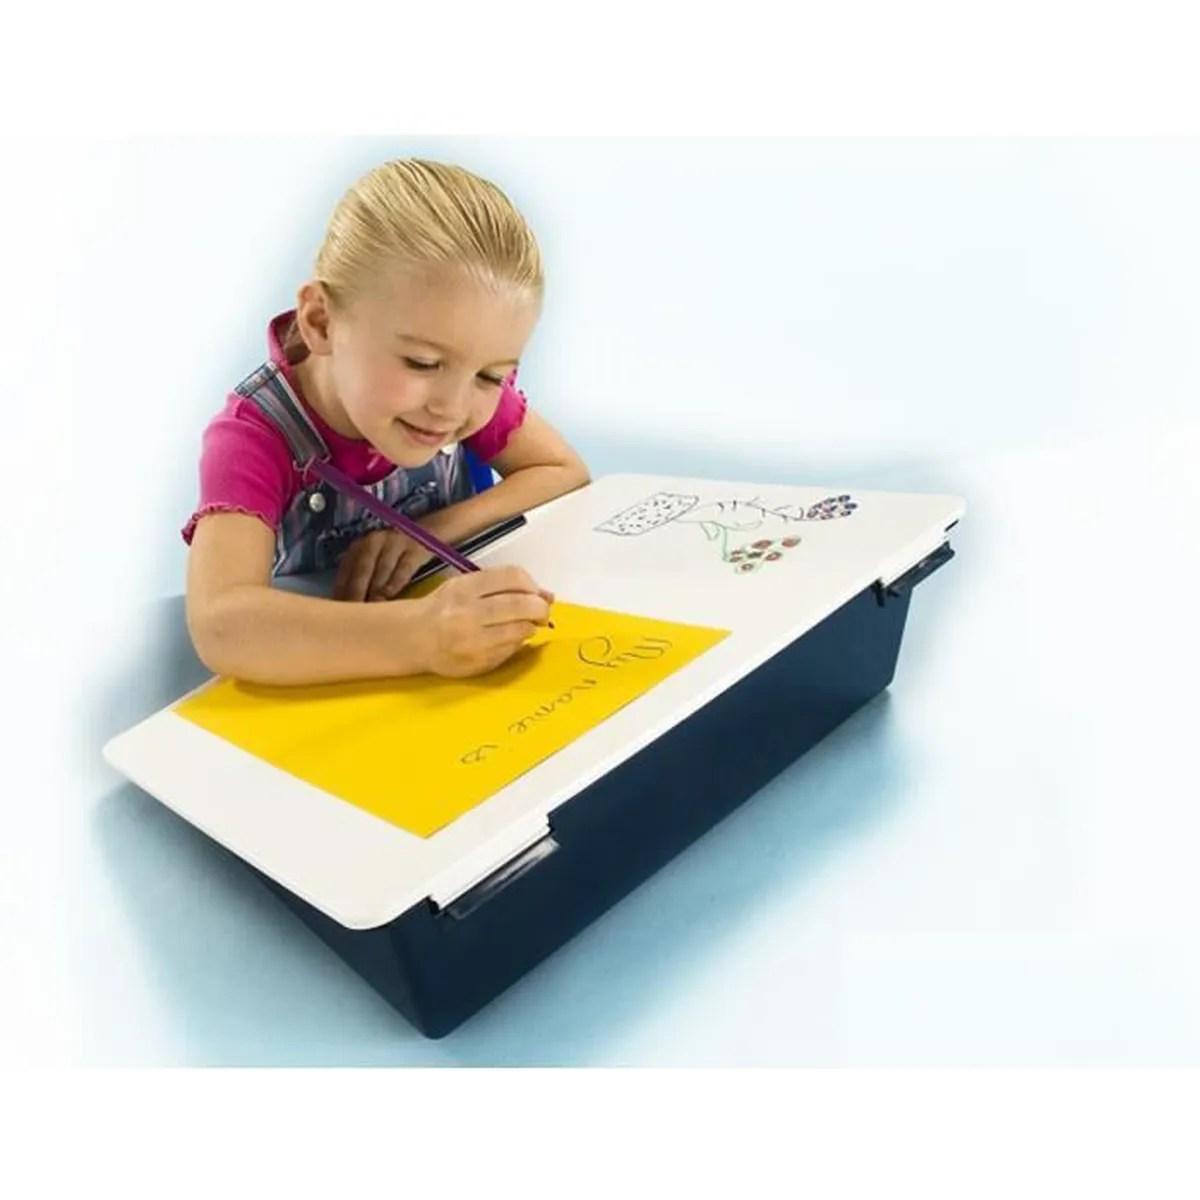 Plan Inclin Dcriture Pour Enfant Dim H 17 X L 34 X